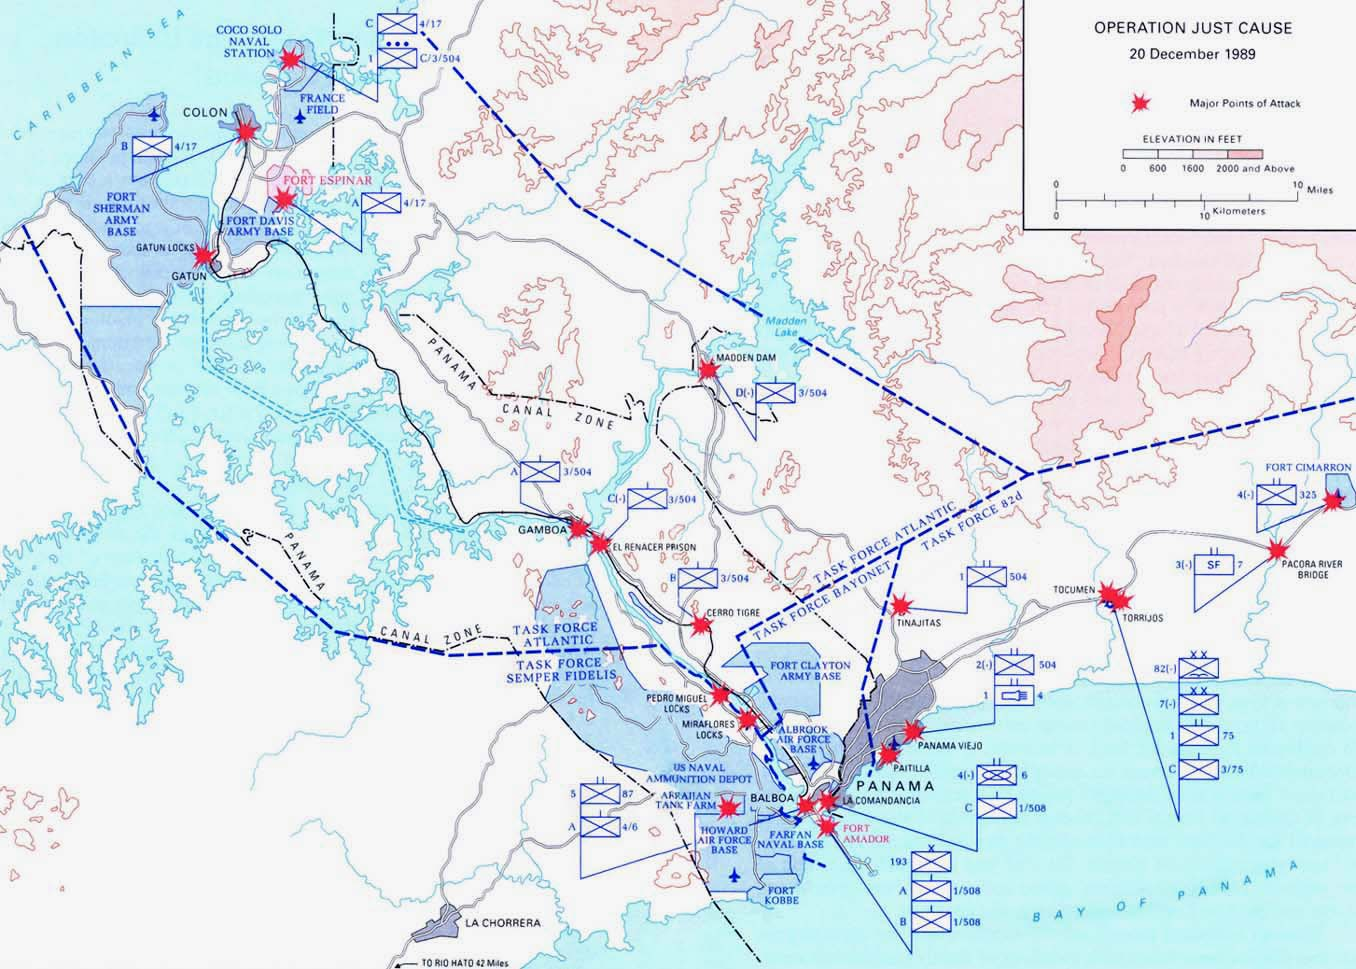 Operación Causa Justa, Panamá, 20 Diciembre 1989